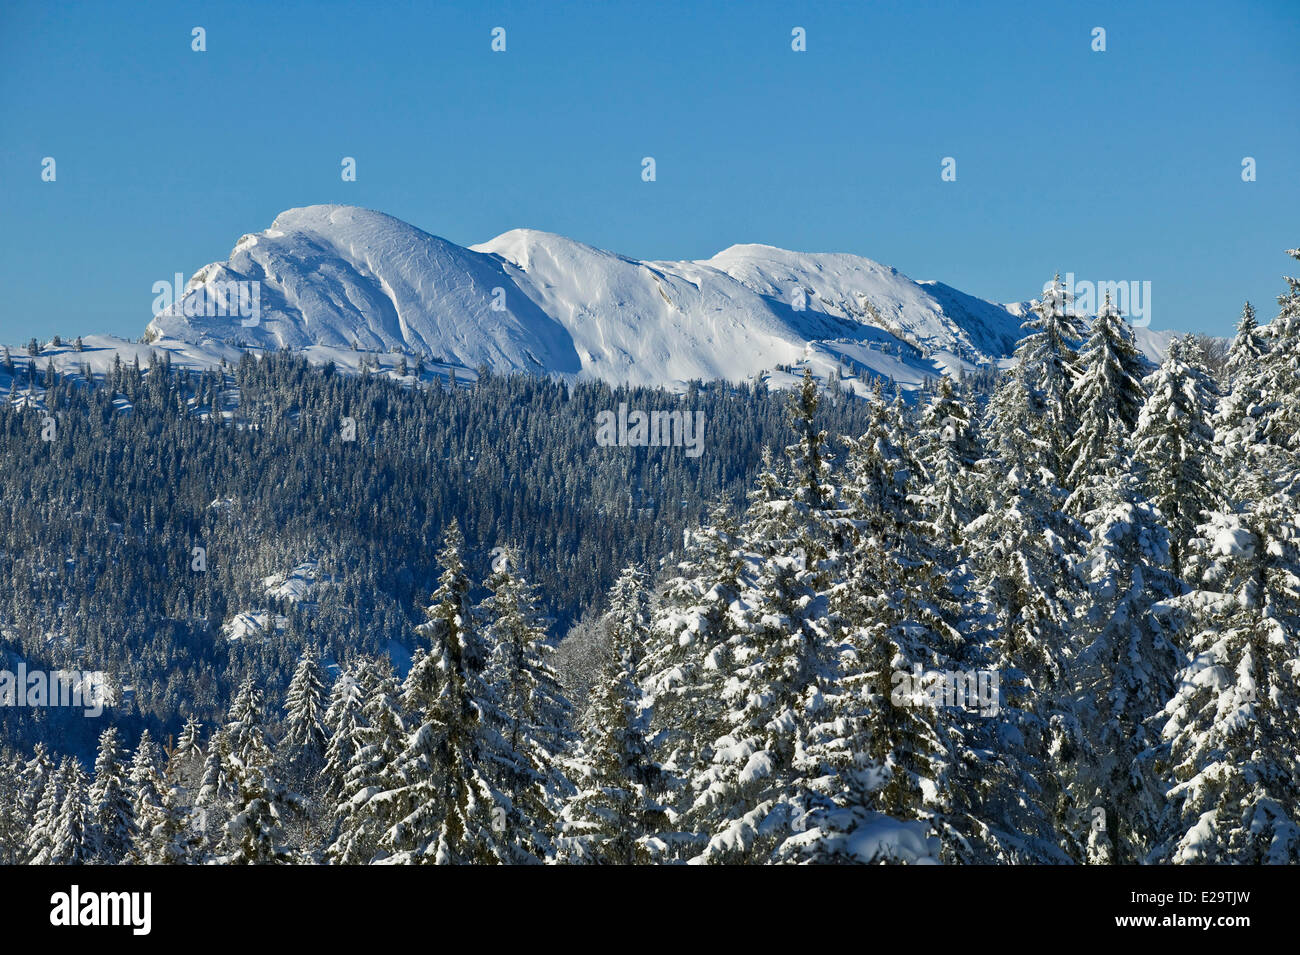 France, Isère, la Grande-vous dans le Parc naturel régional de Chartreuse (Parc naturel régional Photo Stock